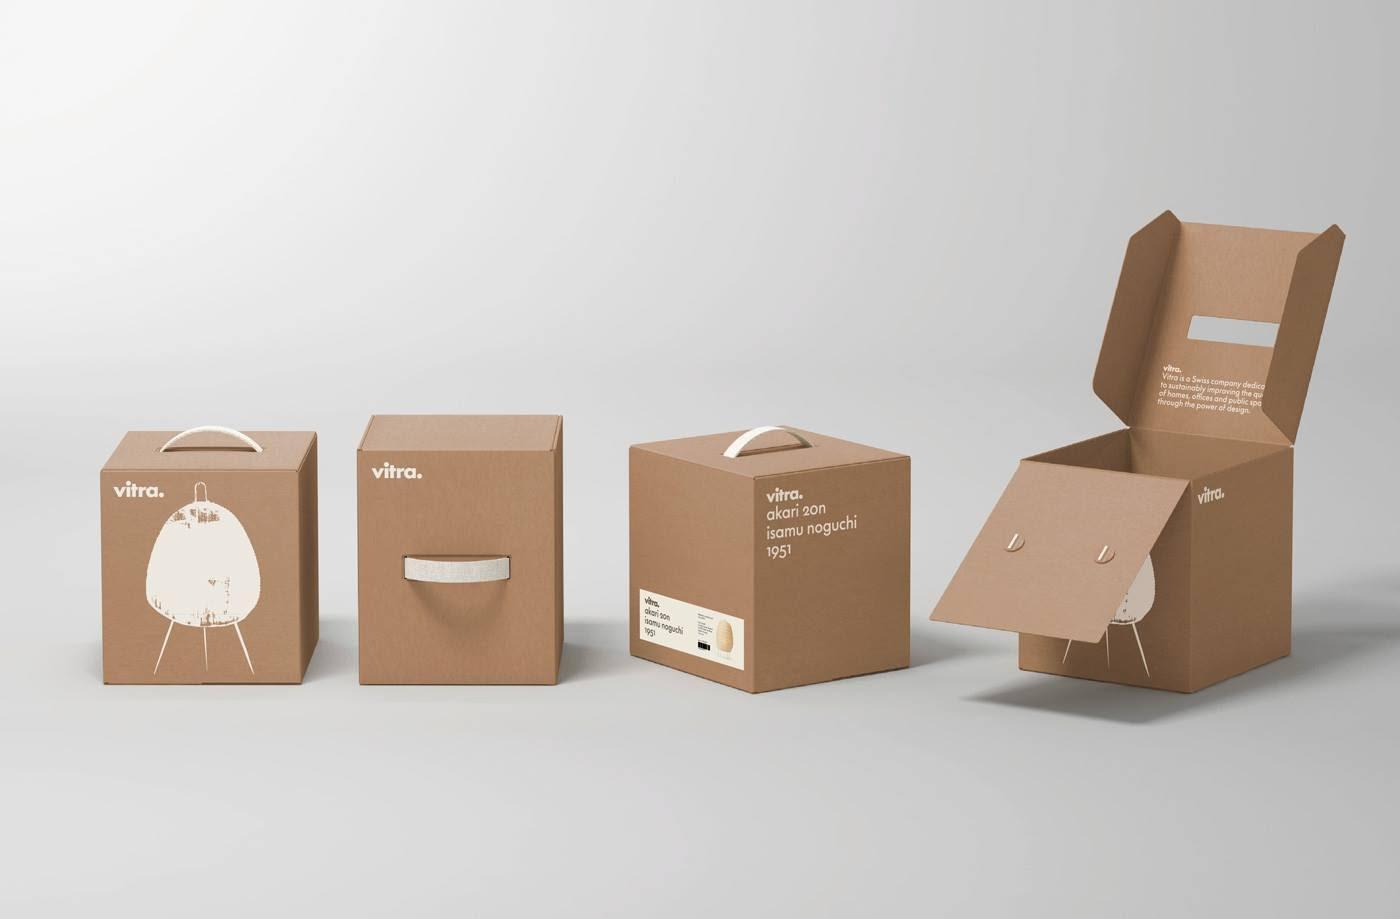 Phân loại hộp giấy dựa theo mục đích sử dụng